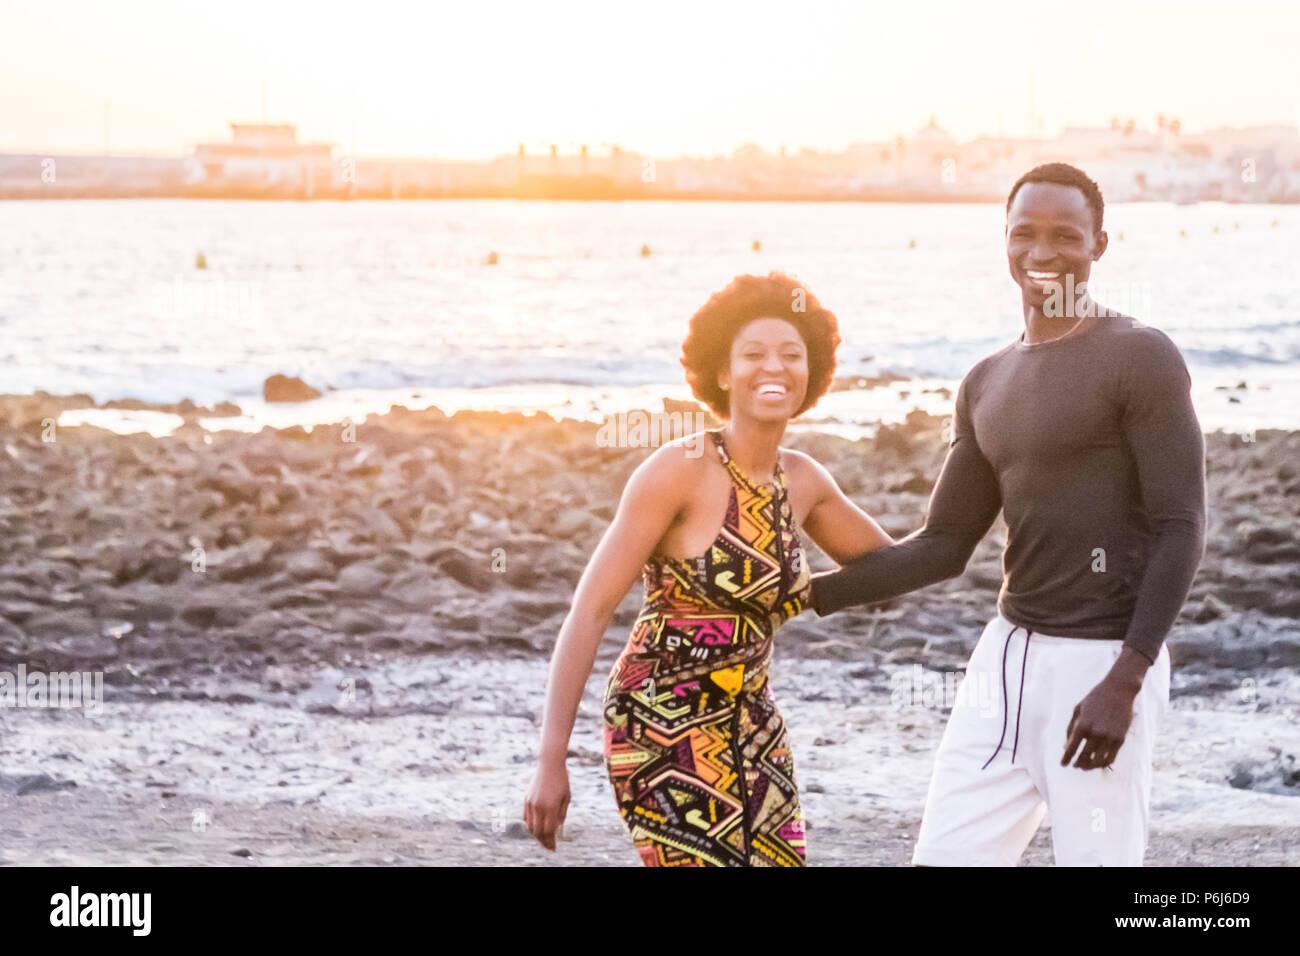 Felice africano nero gara pelle giovane insieme per divertirsi in spiaggia in vacanza. La felicità concetto con due giovani l uomo e la donna per divertirsi insieme. Immagini Stock